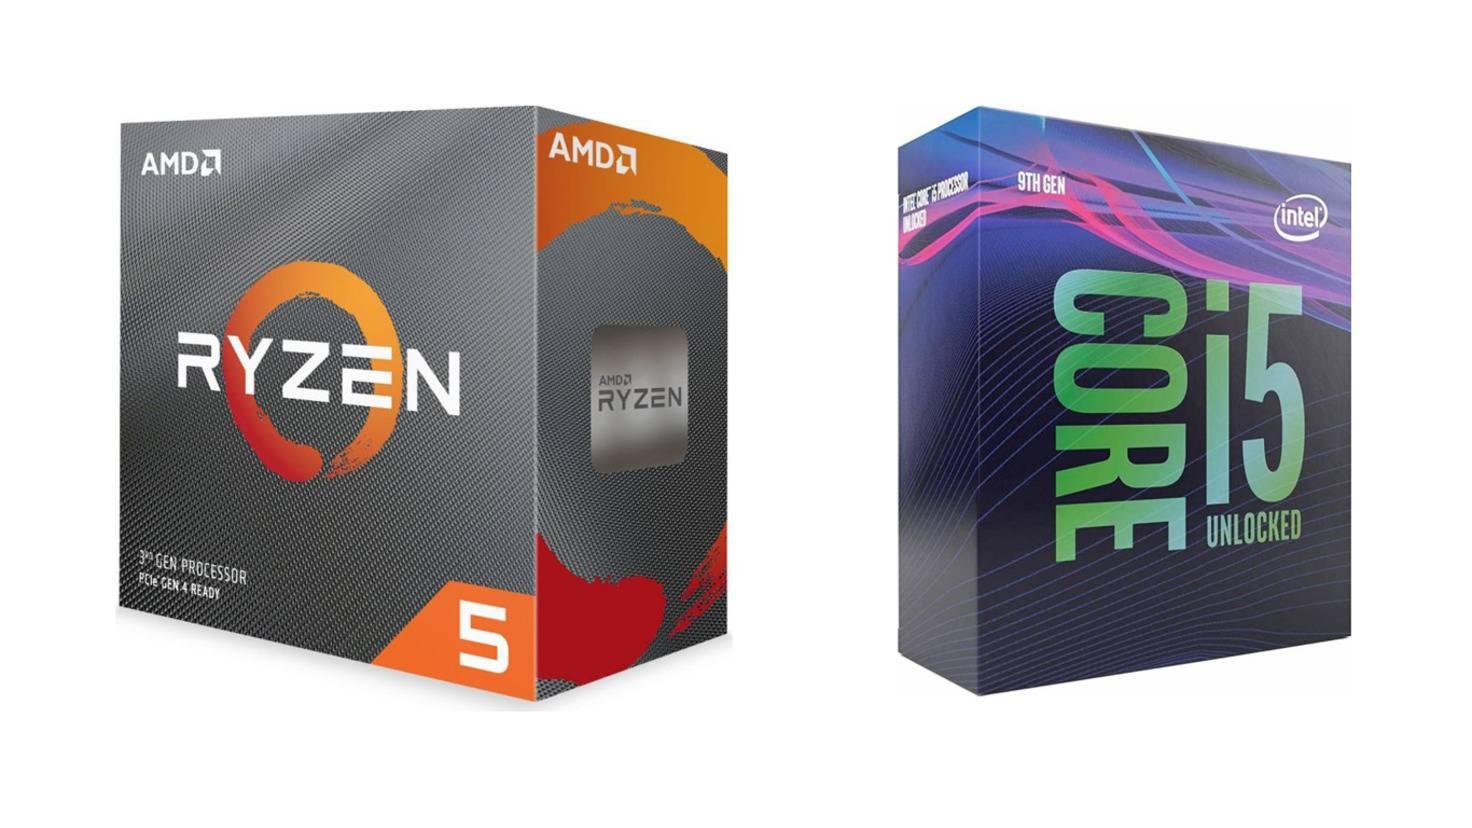 amd-ryzen-3600-intel-core-i5-9600k-prozessor-chip